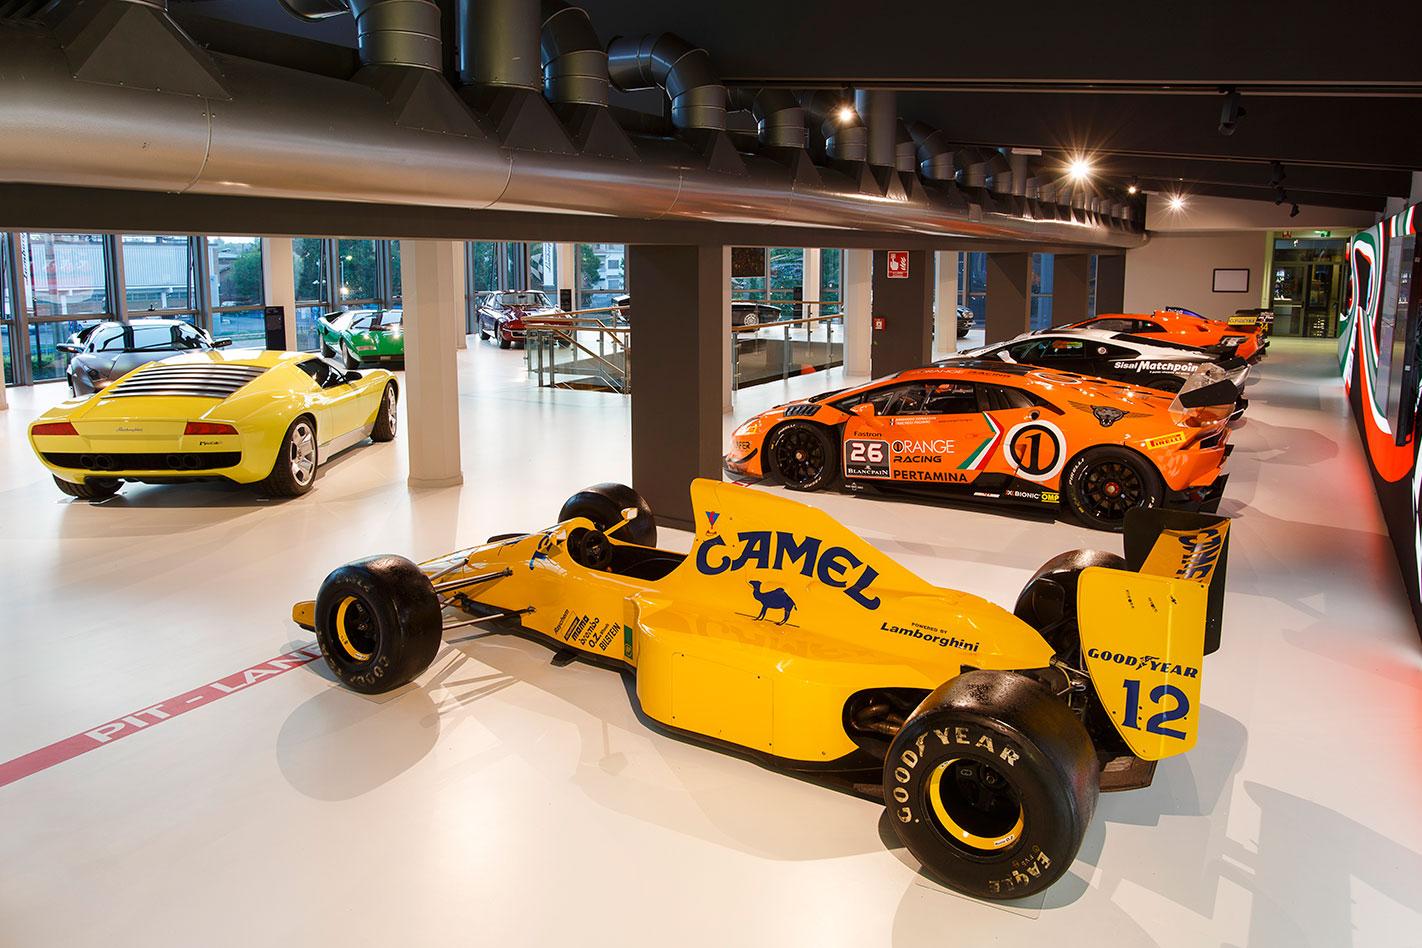 Lamborghini -racing -cars